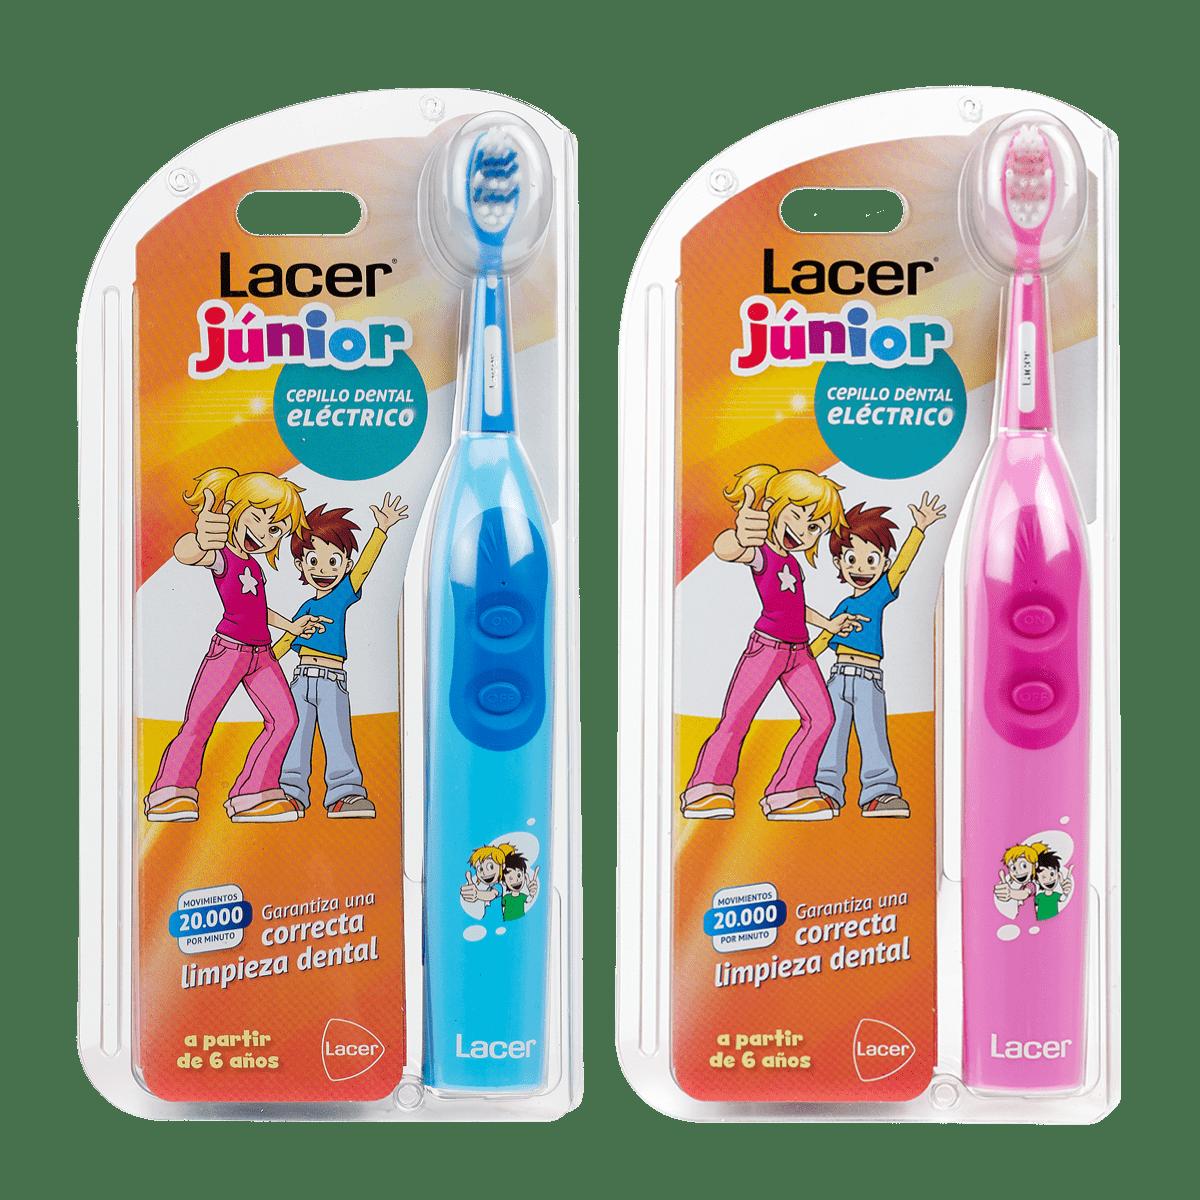 Lacer Júnior Cepillo Dental Eléctrico